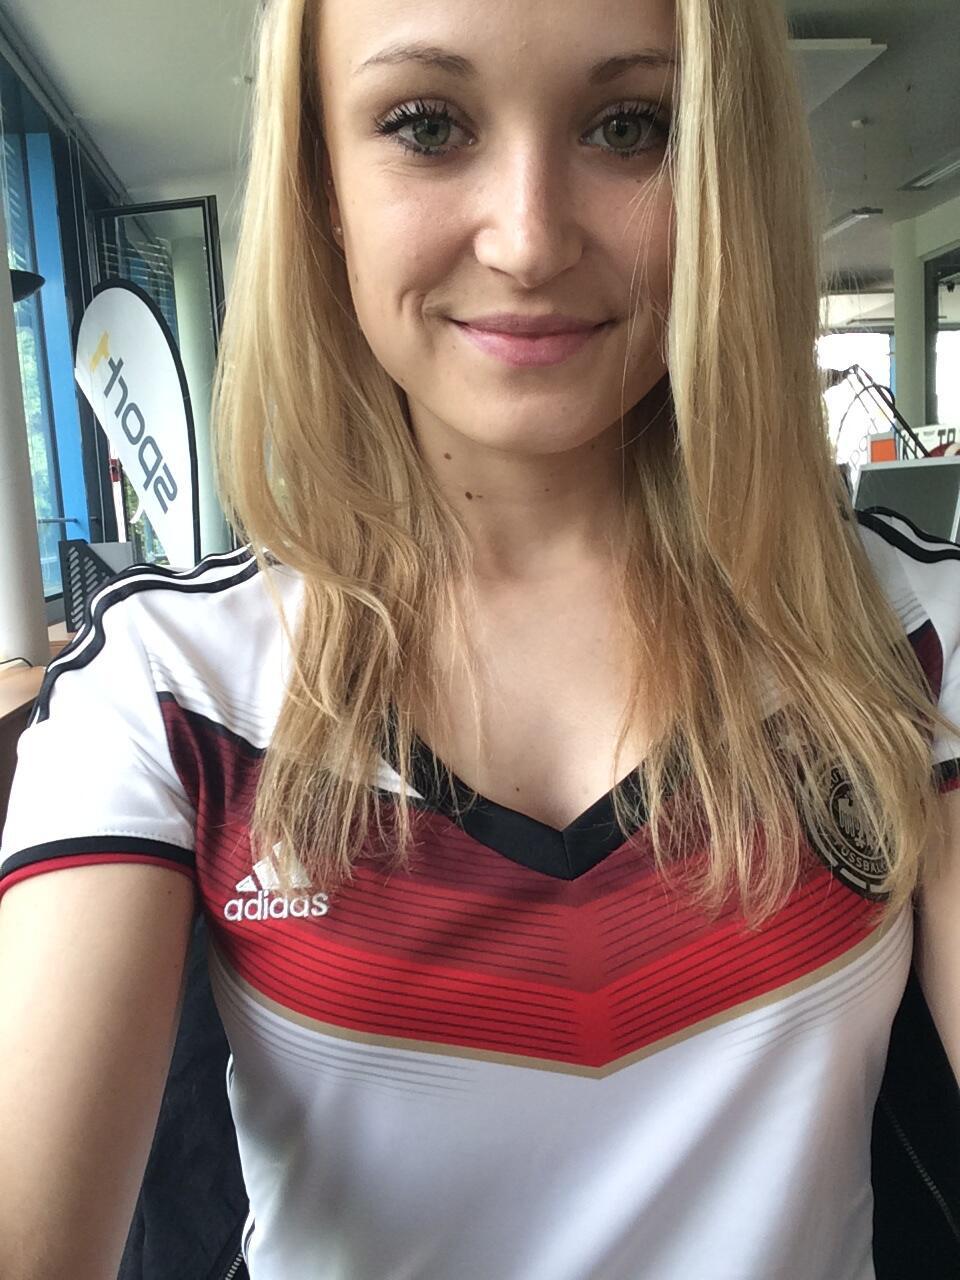 deutsche porno girl